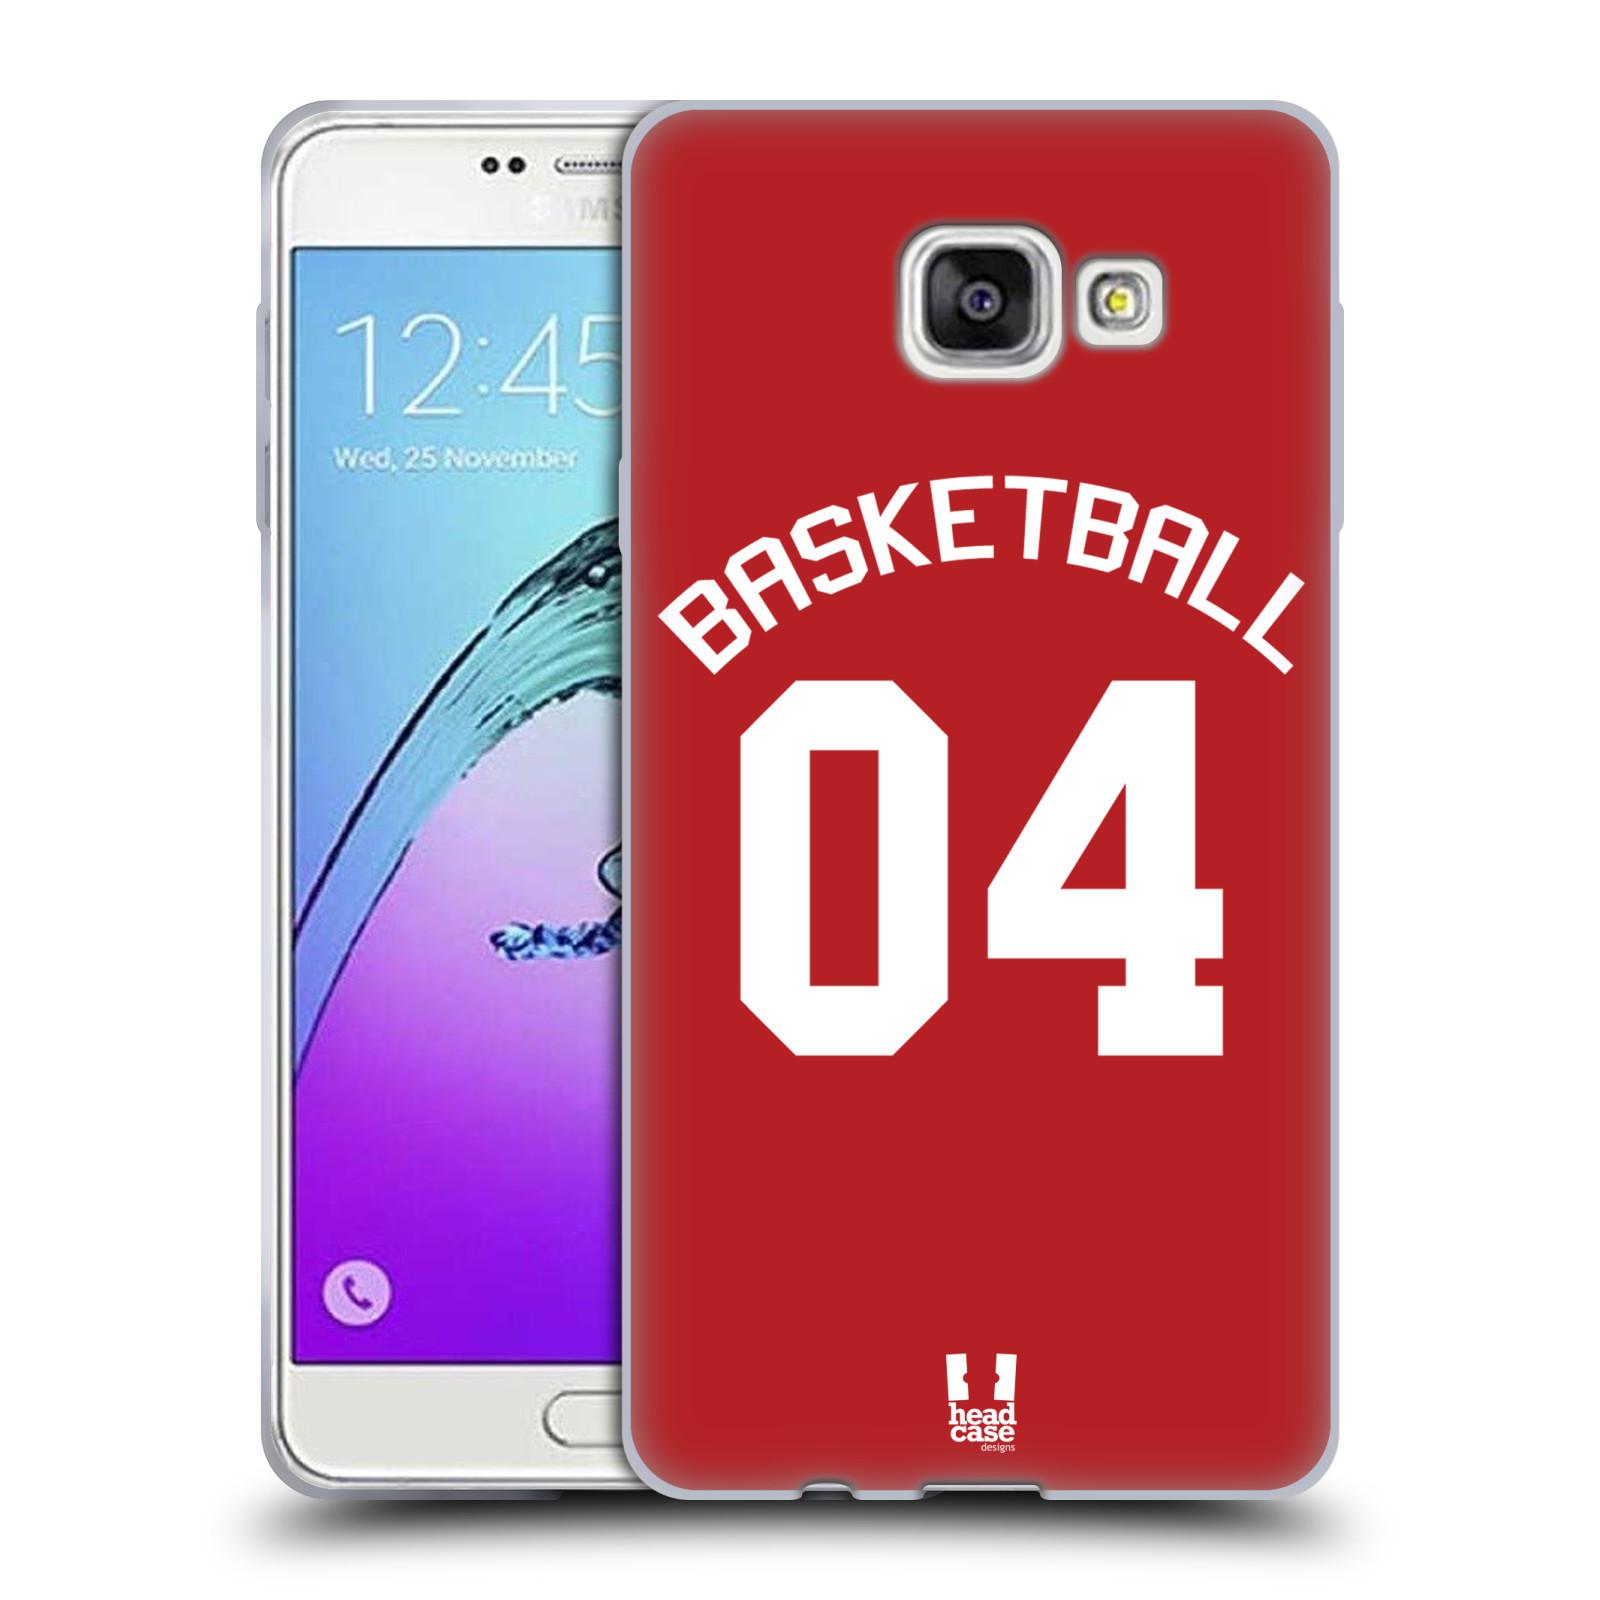 HEAD CASE silikonový obal na mobil Samsung Galaxy A7 2017 (A720) Sportovní dres Basketbal červený